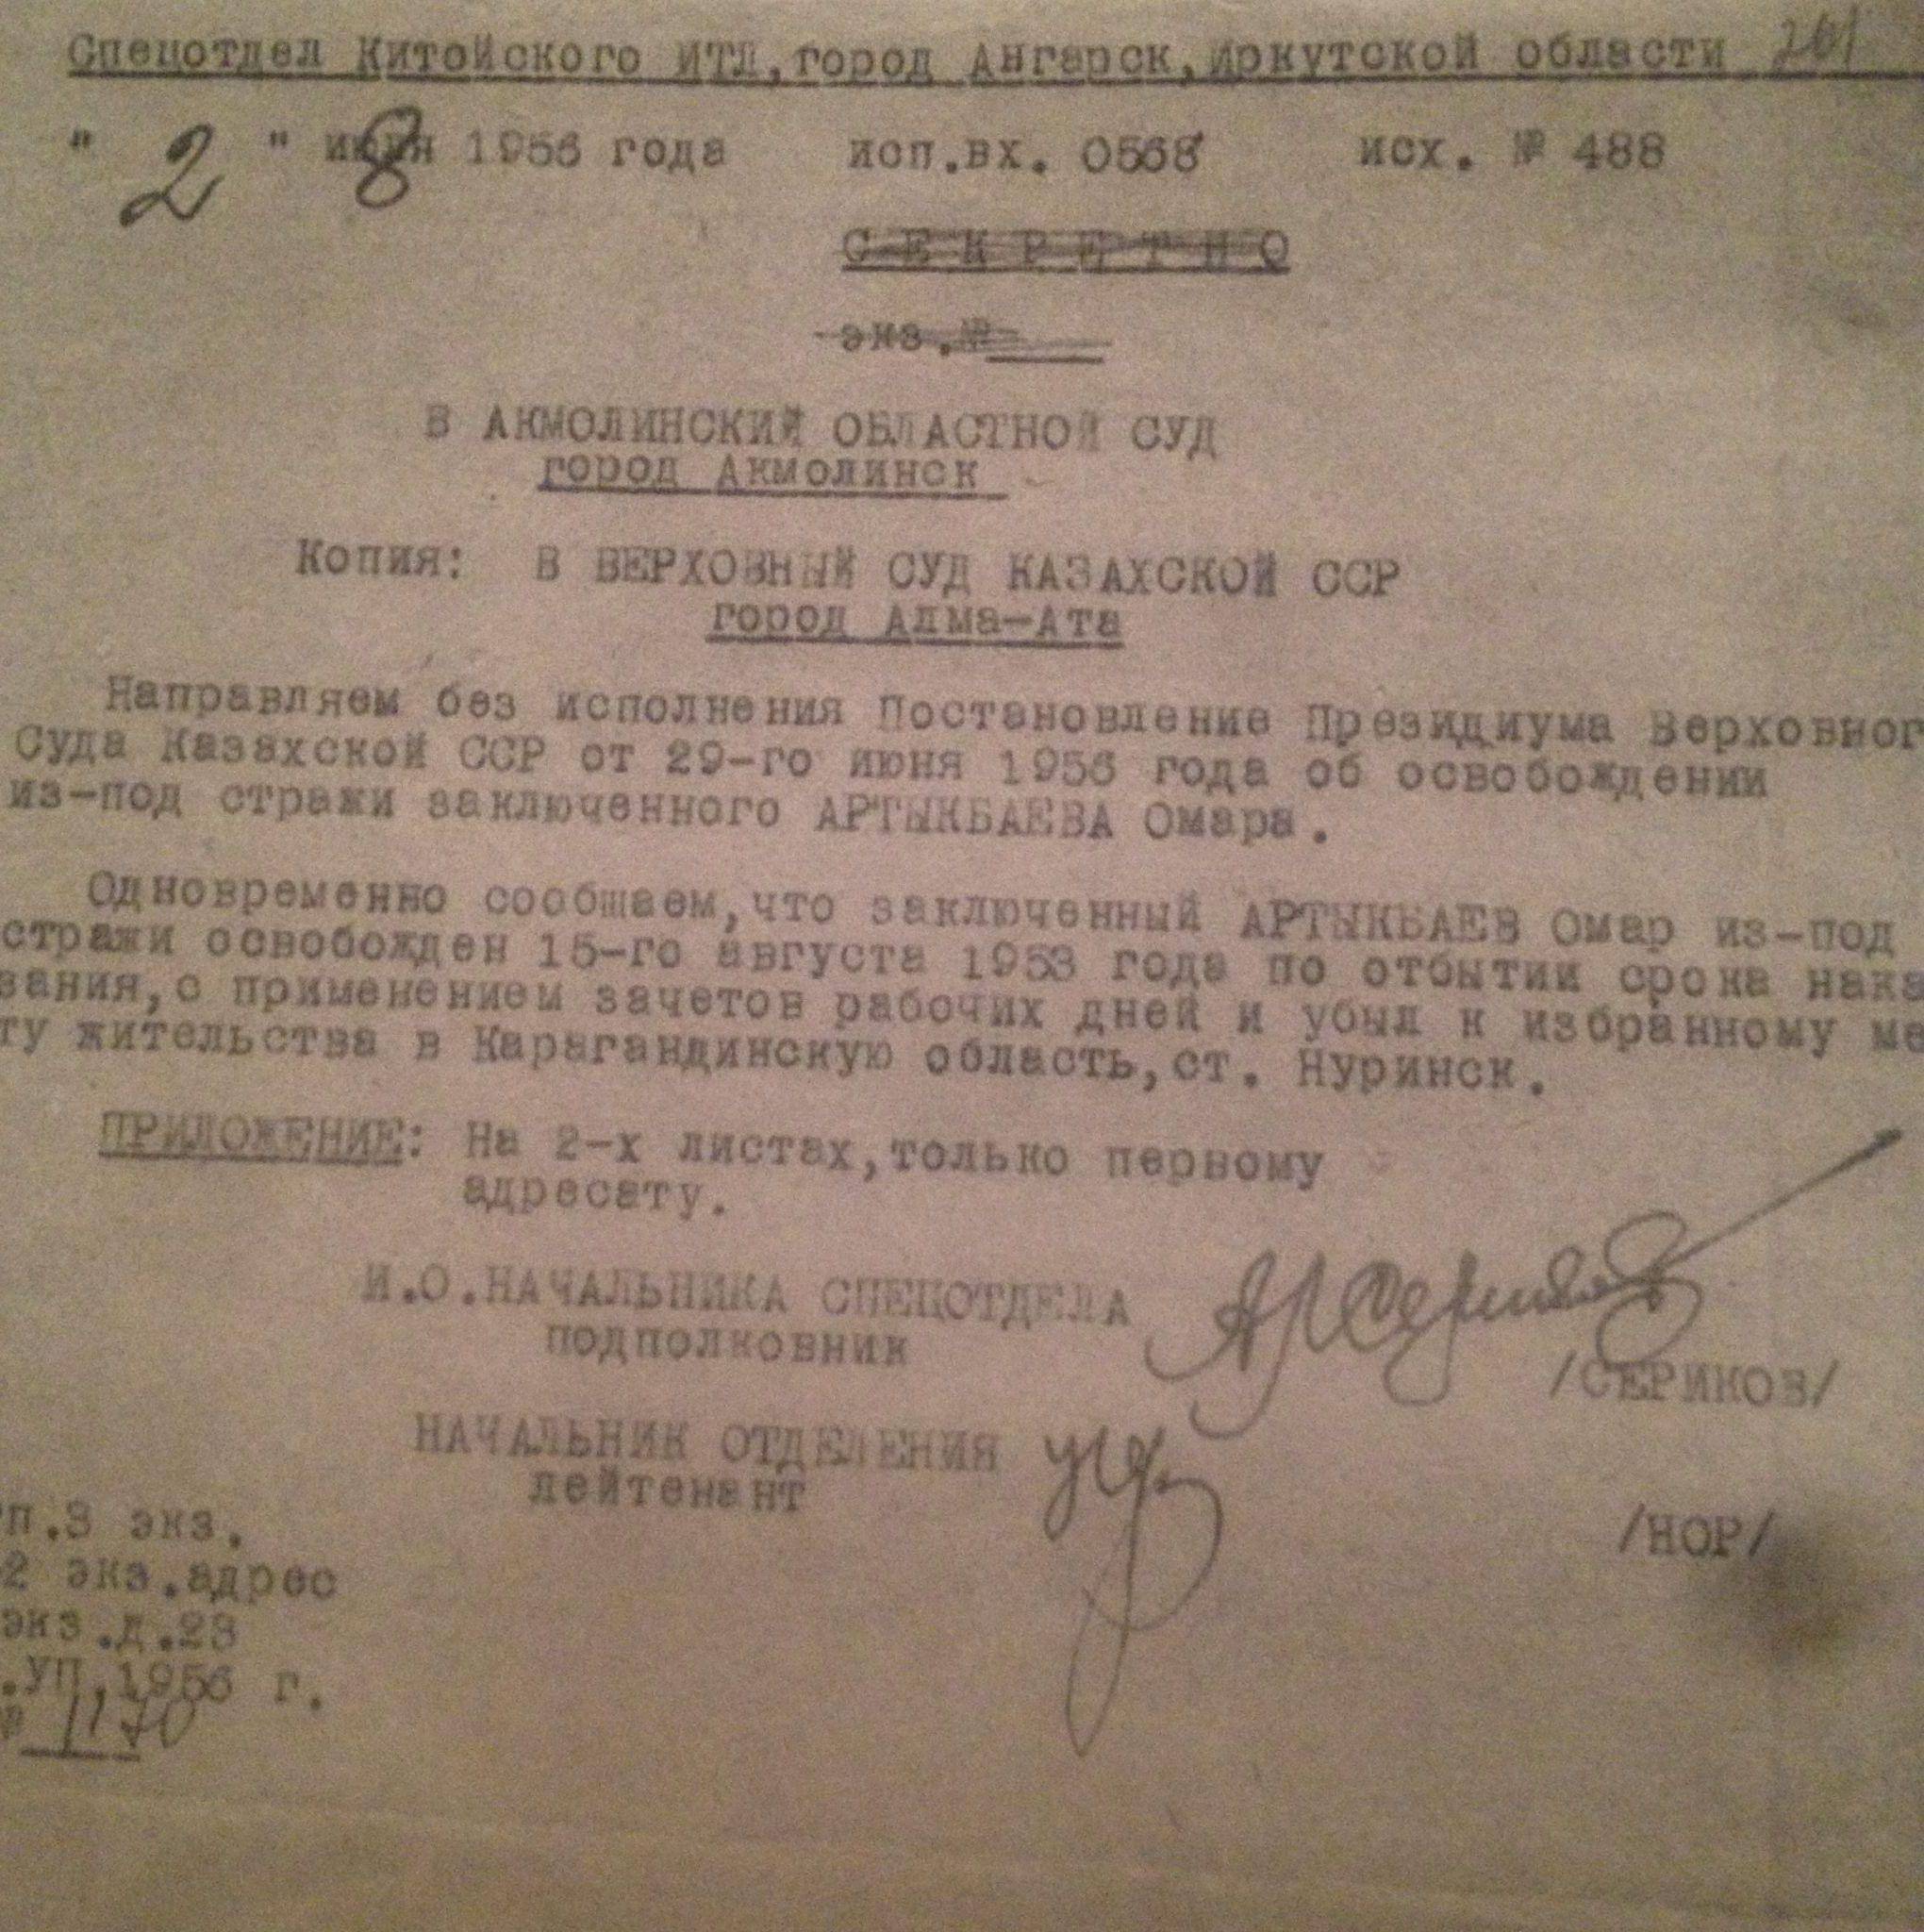 Постановление Верховного Суда КазССР об освобождении заключенного Омара Артыкбаева из Иркутлага, 1953 год